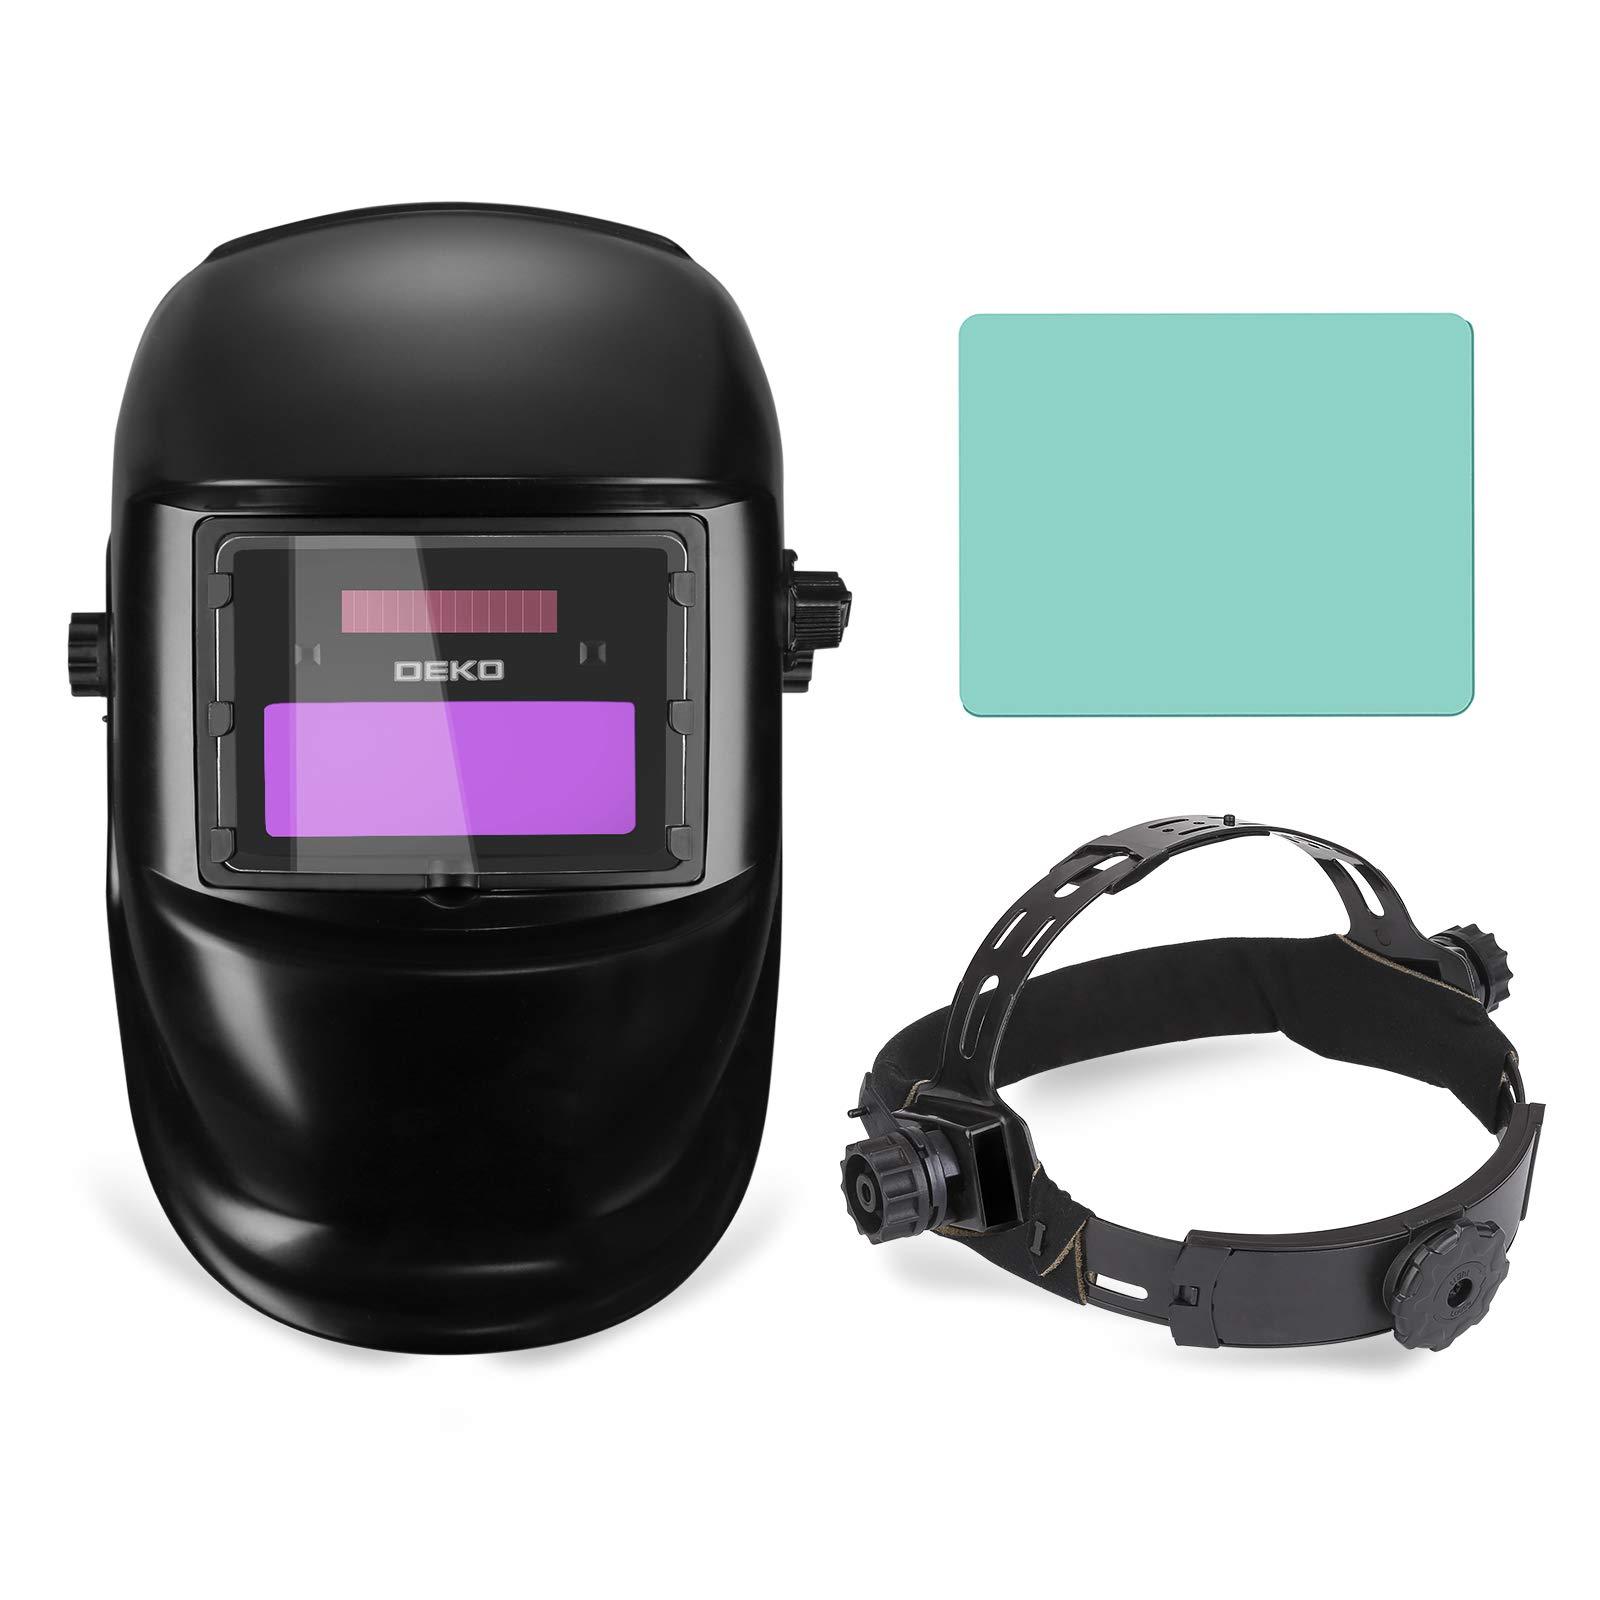 DEKOPRO Auto Darkening Solar Welding Helmet ARC TIG MIG Weld Welder Lens Grinding Mask New Black Design by DEKOPRO (Image #5)